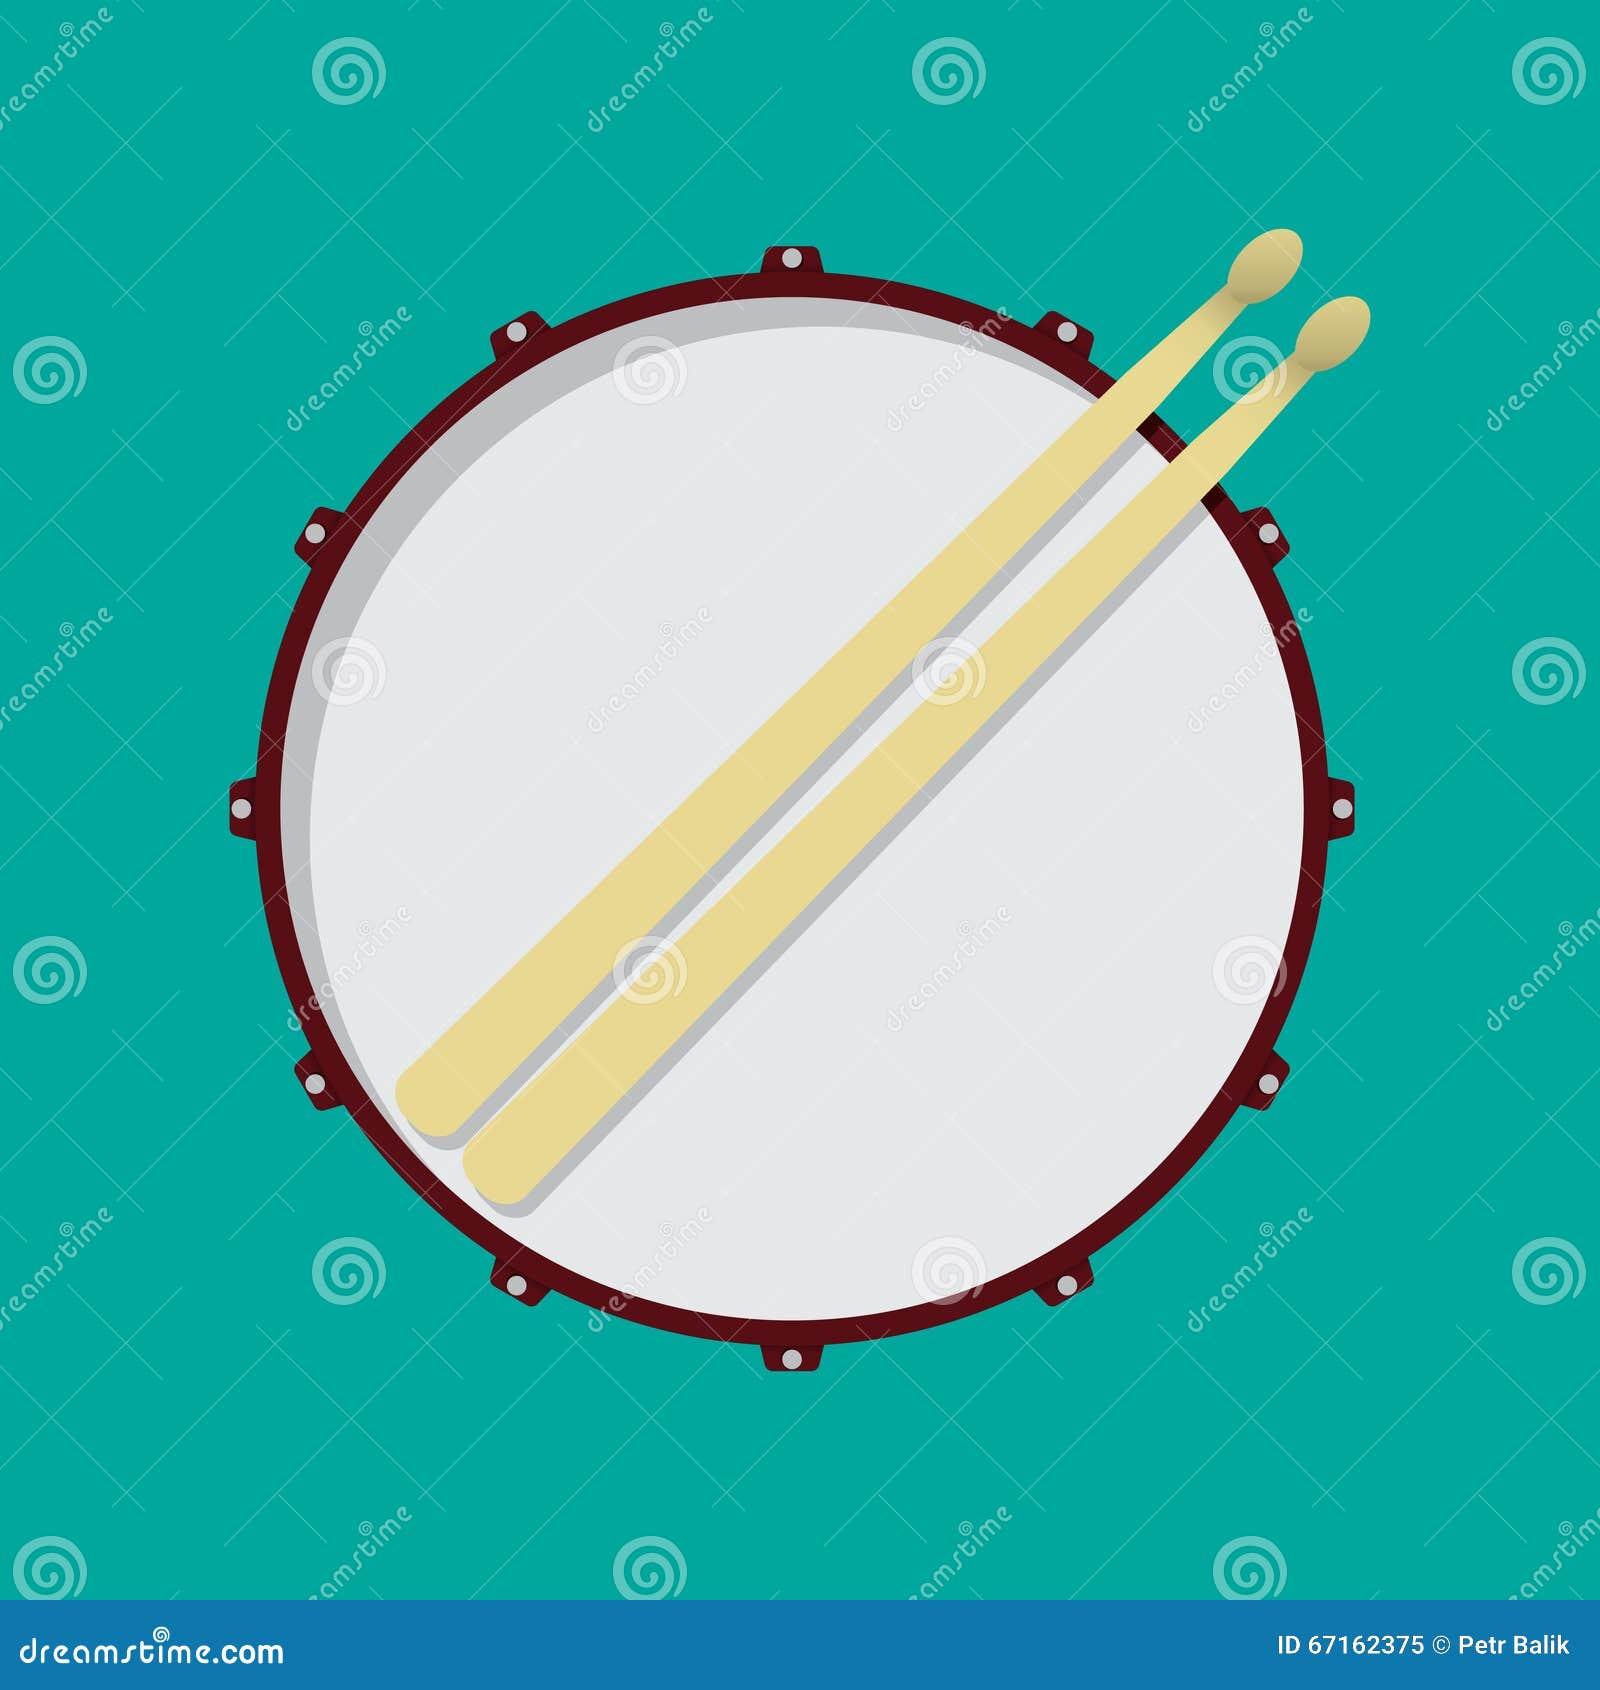 snare drum stock vector image 67162375. Black Bedroom Furniture Sets. Home Design Ideas